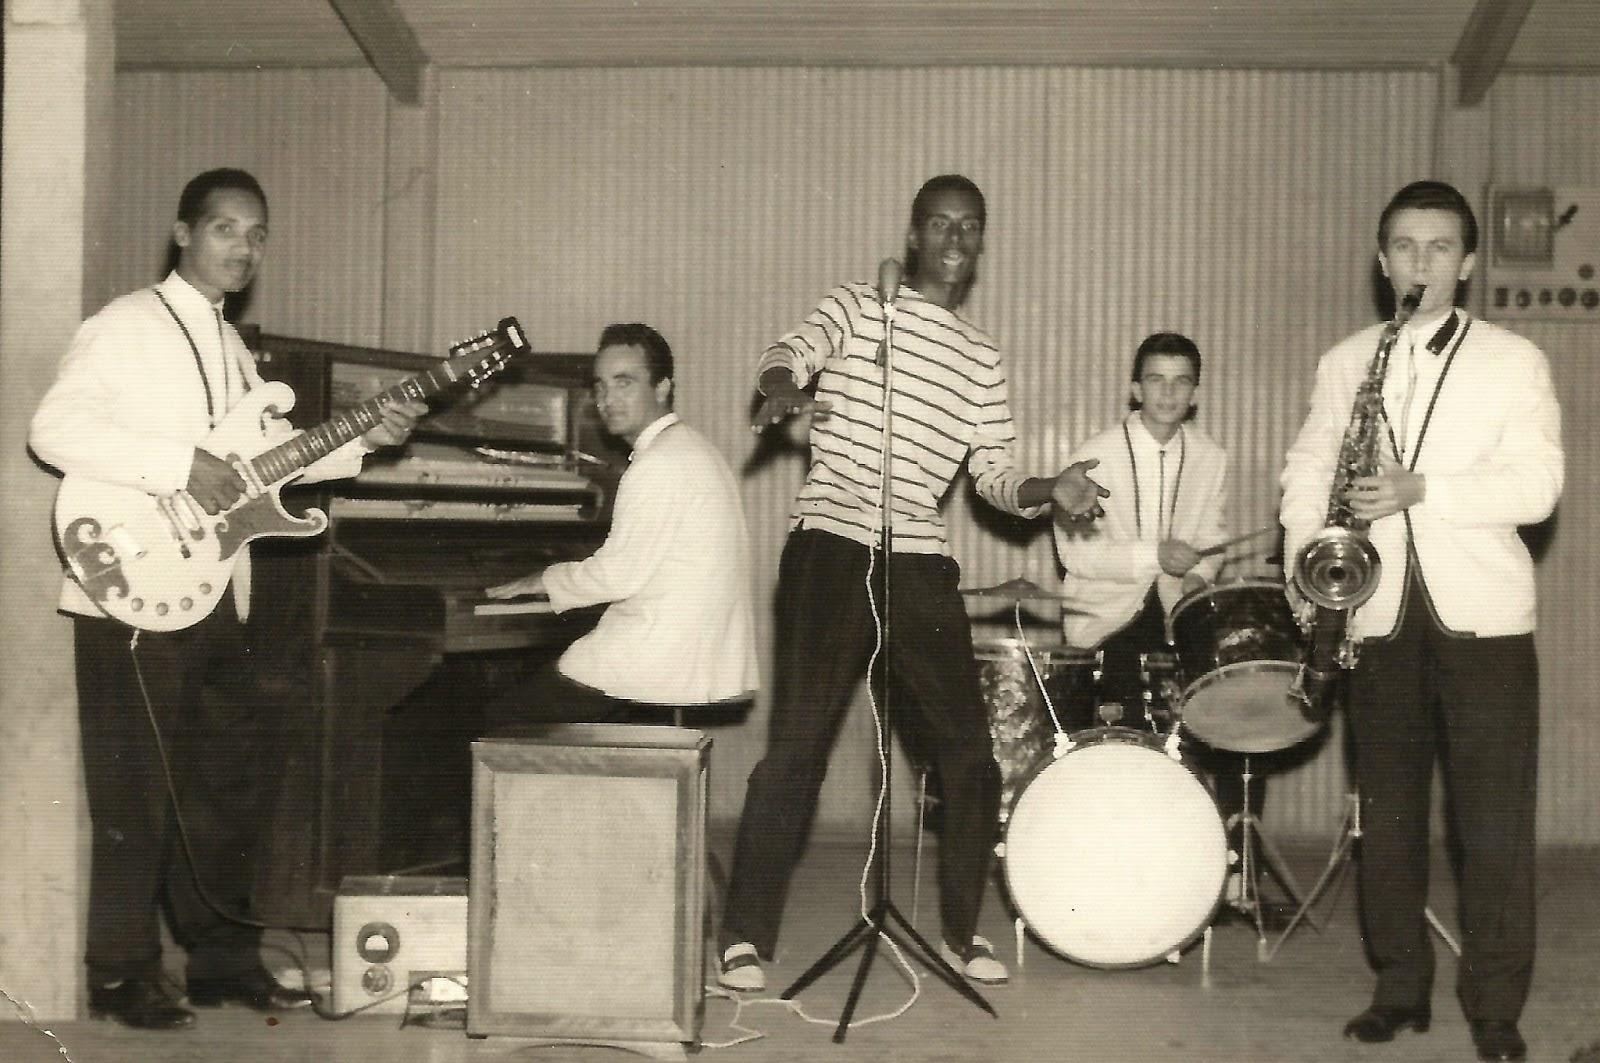 Grupo Musical Os 7 Notas - Década de 1960